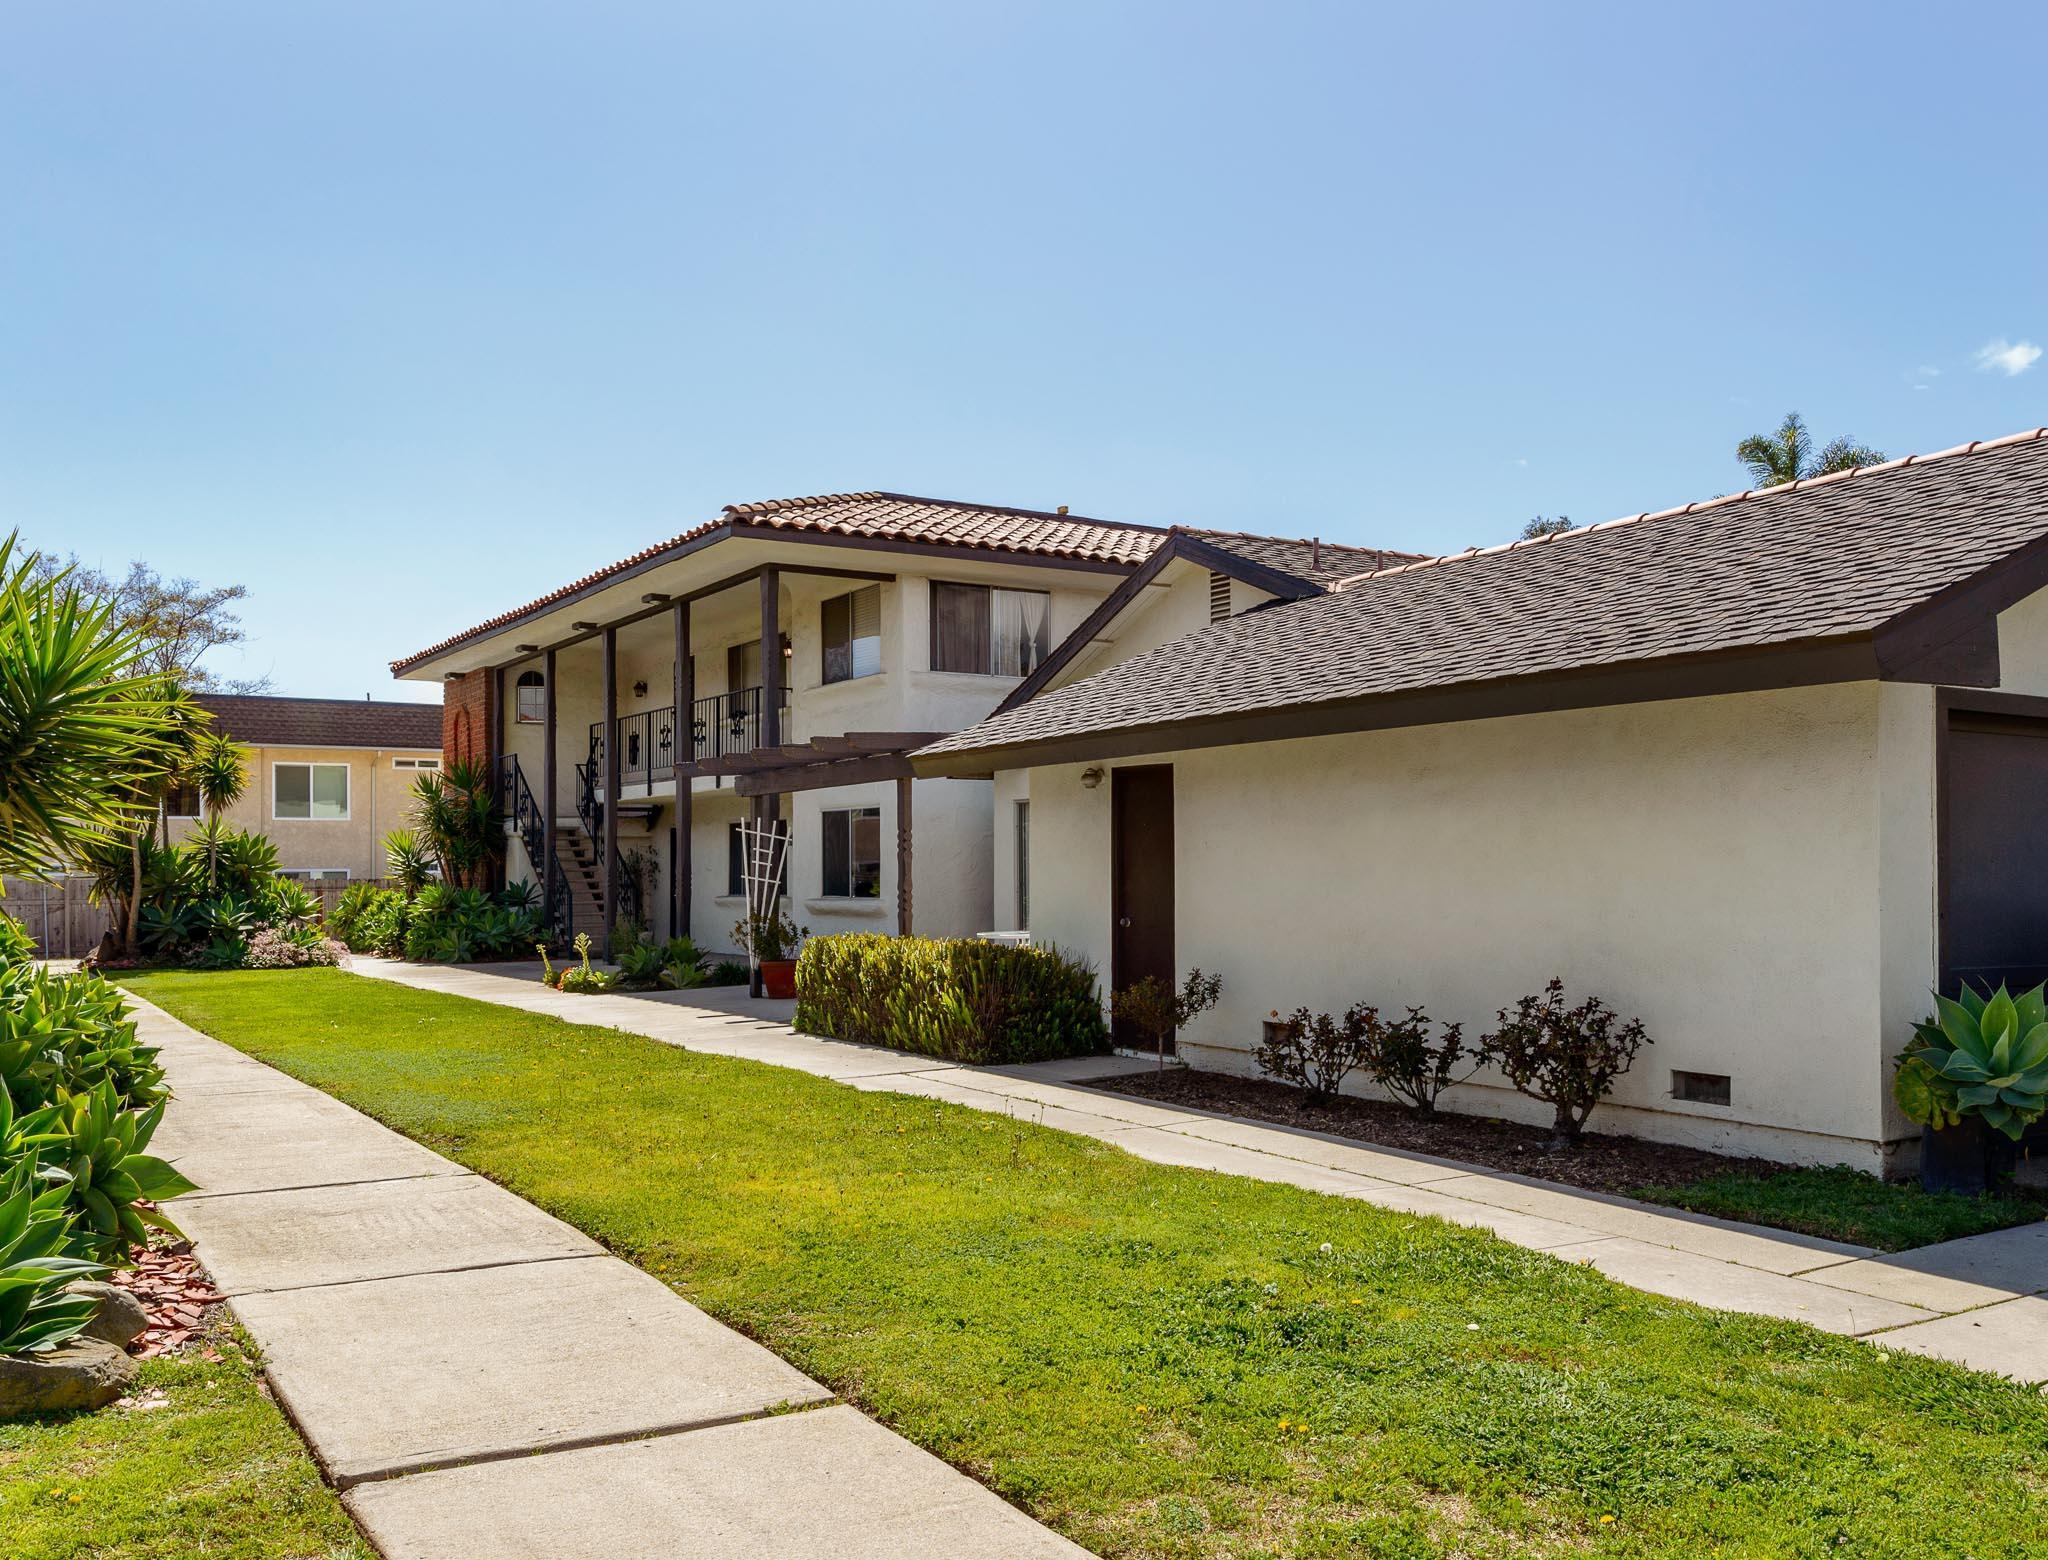 Property photo for 4525 Aragon Dr Carpinteria, California 93013 - 19-978